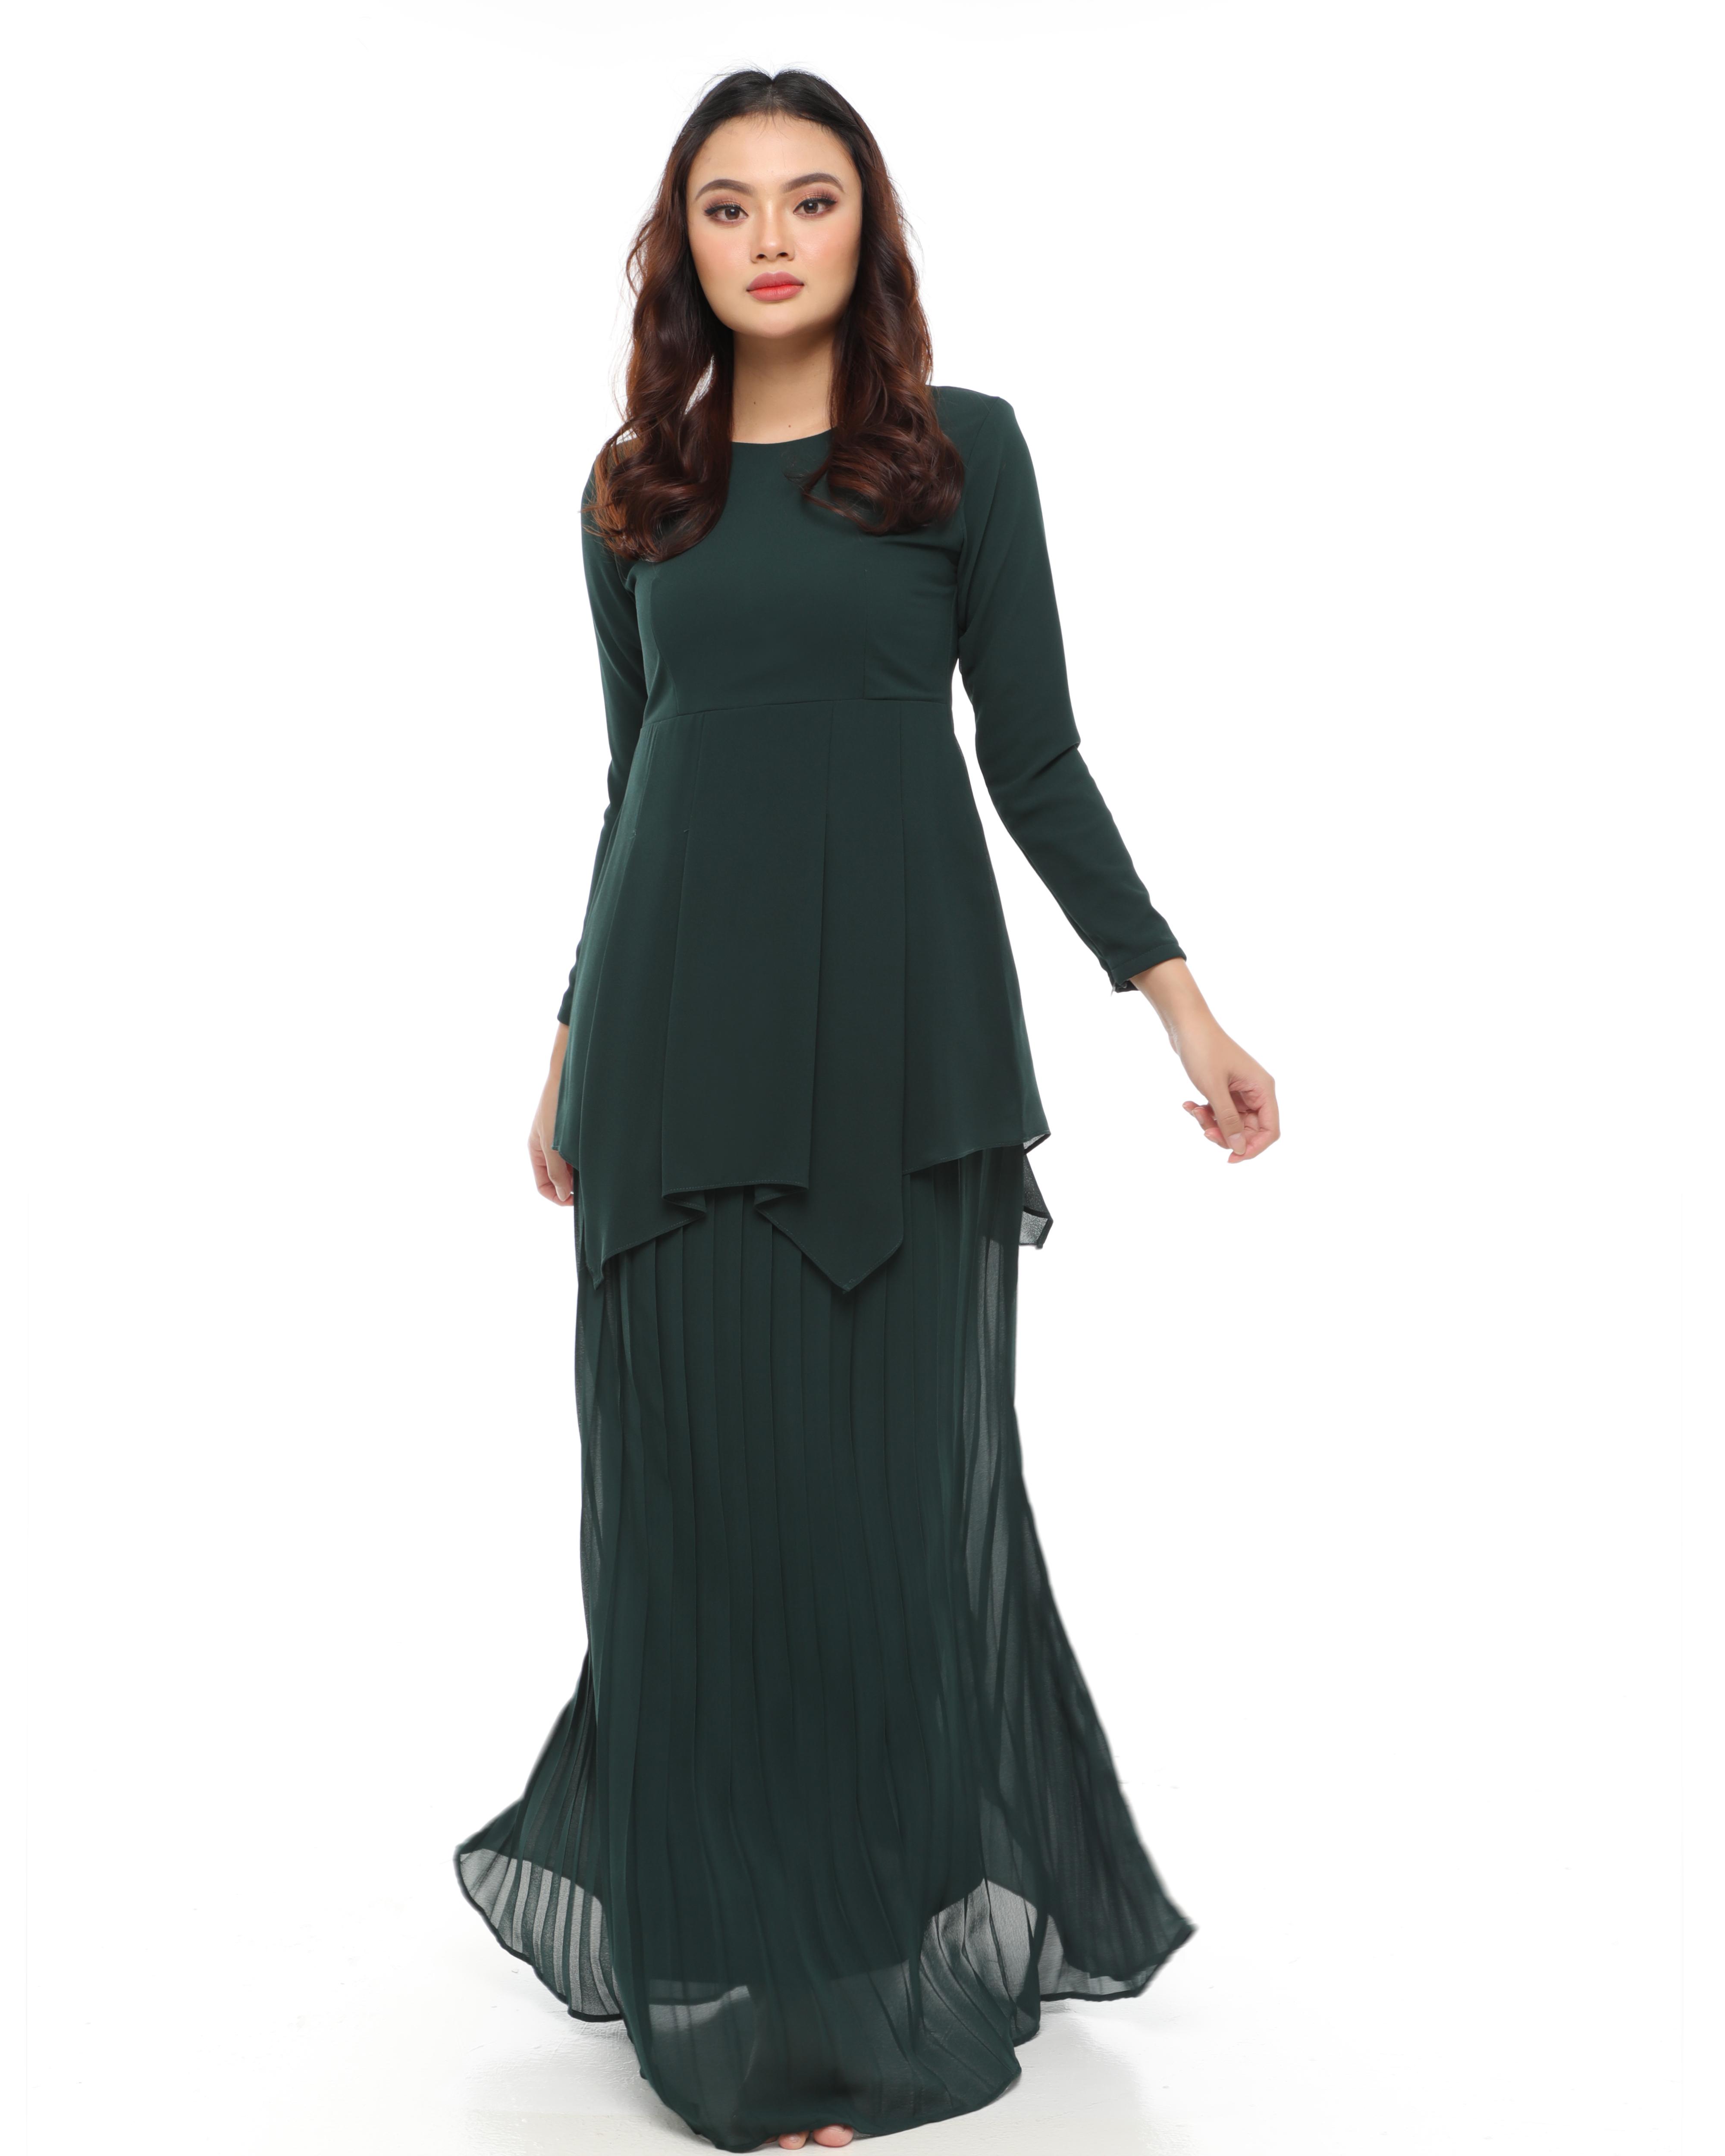 Kasandra - Cobalt Green